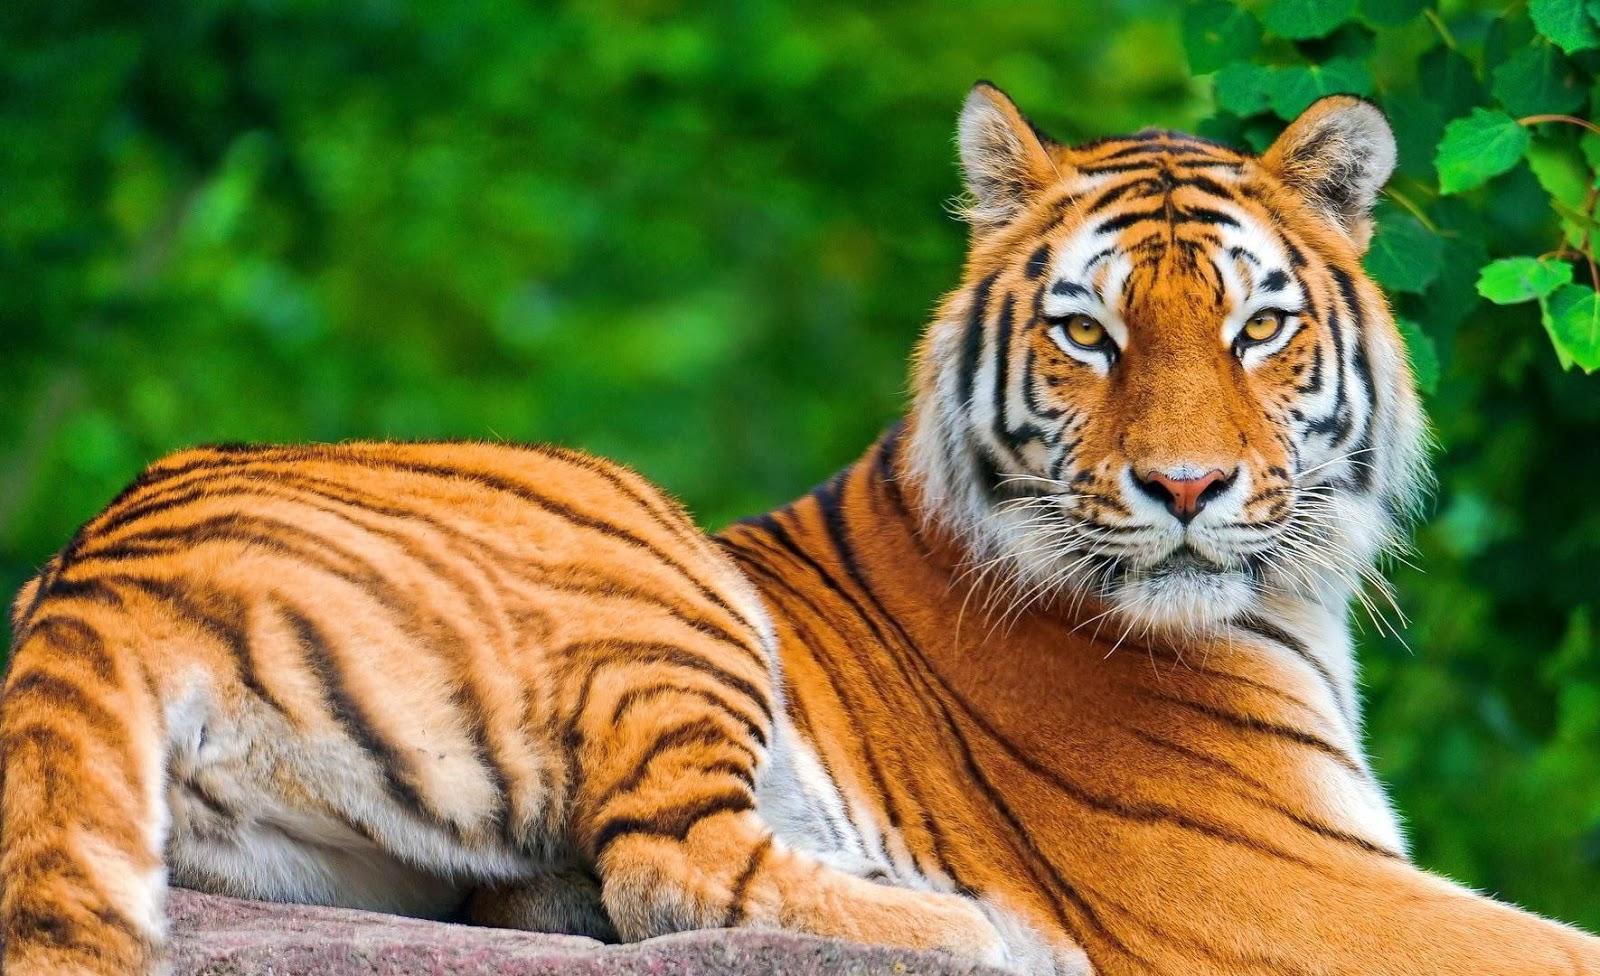 Tiger Online